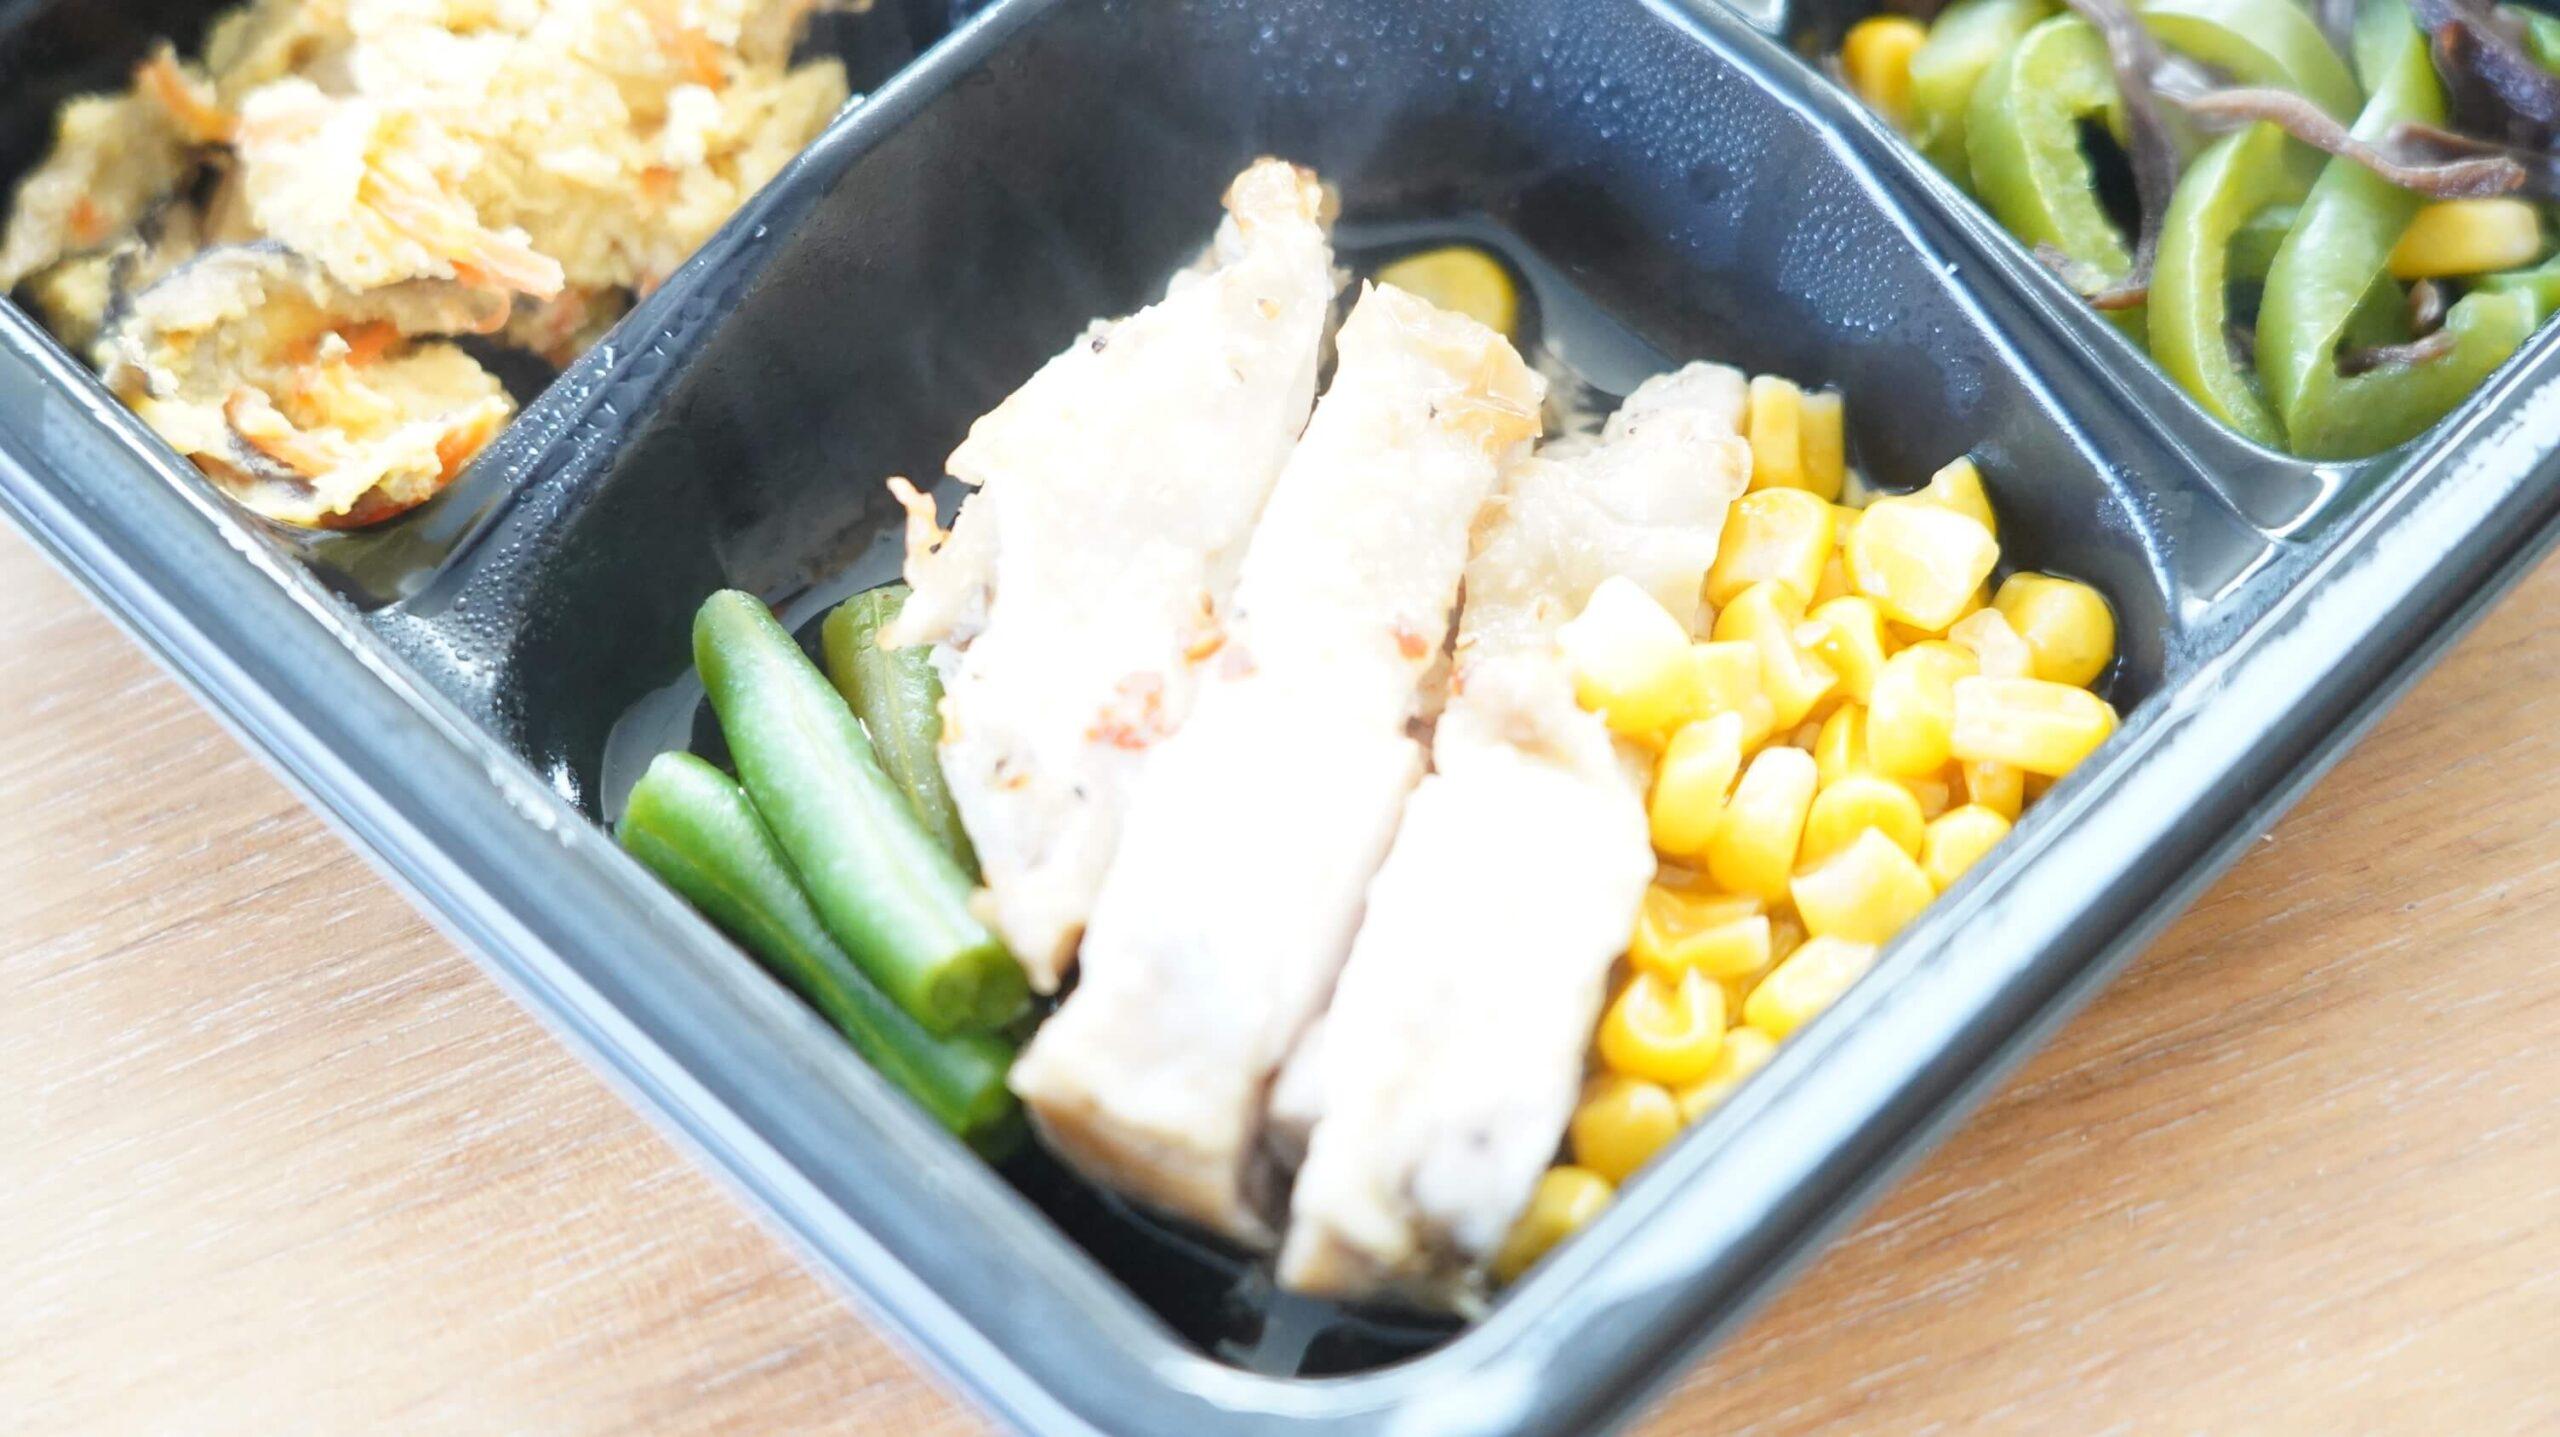 ライザップのサポートミール「鶏肉のエスニック焼き」の「鶏肉のエスニック焼き」の拡大写真